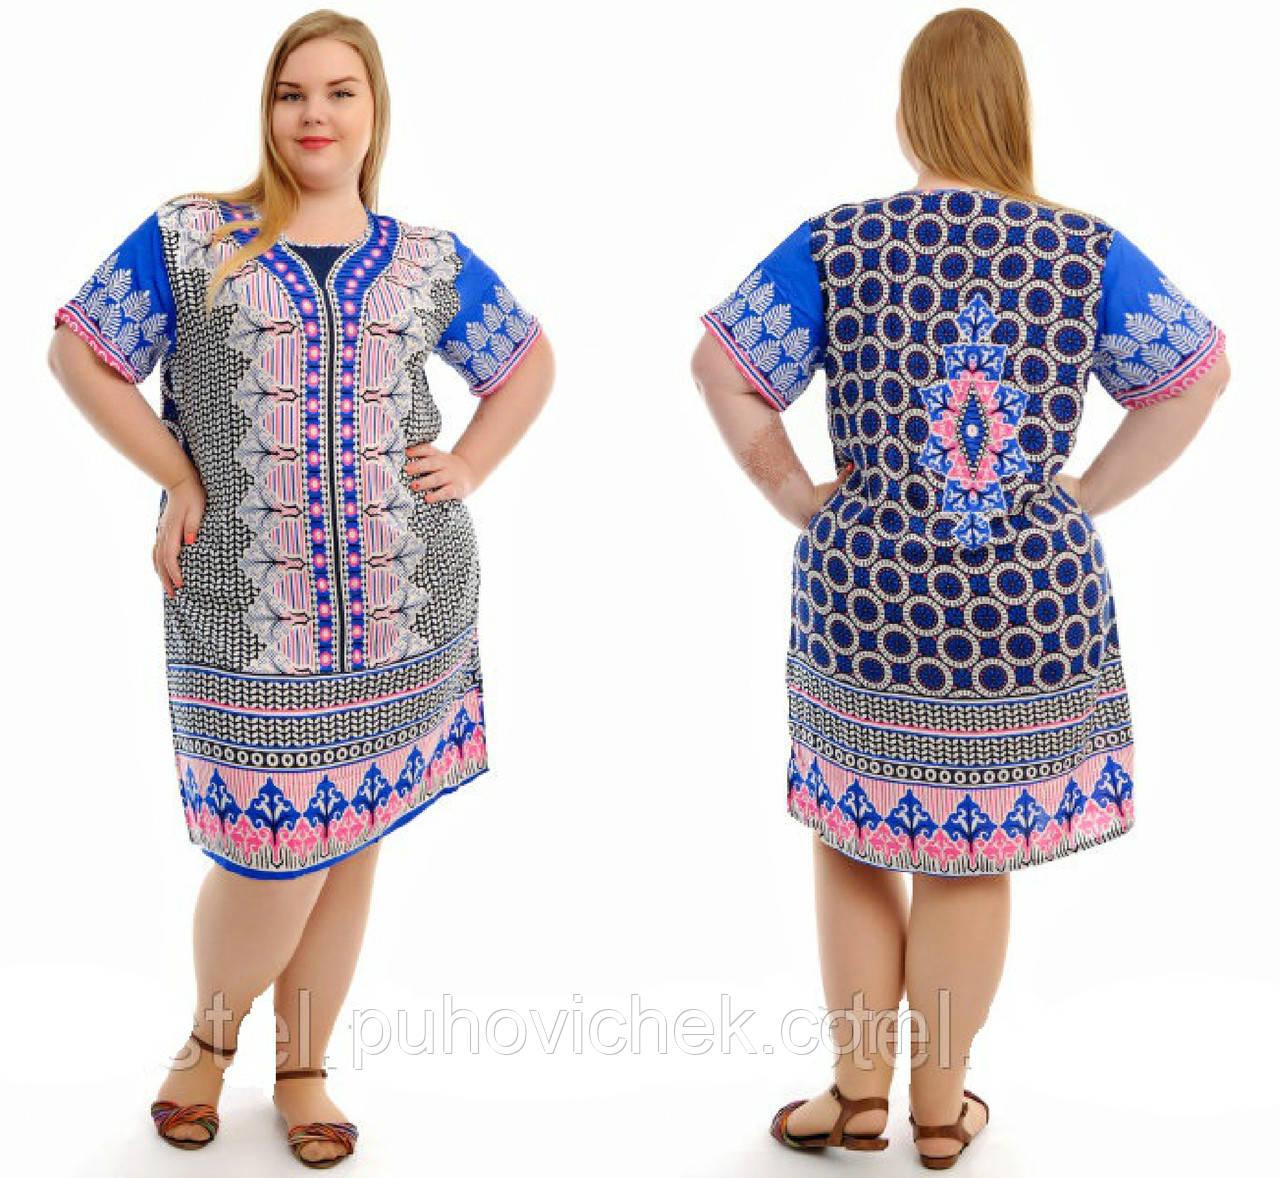 7df0de92411 Летние женские платья недорого интернет магазин - Интернет магазин Линия  одежды в Харькове